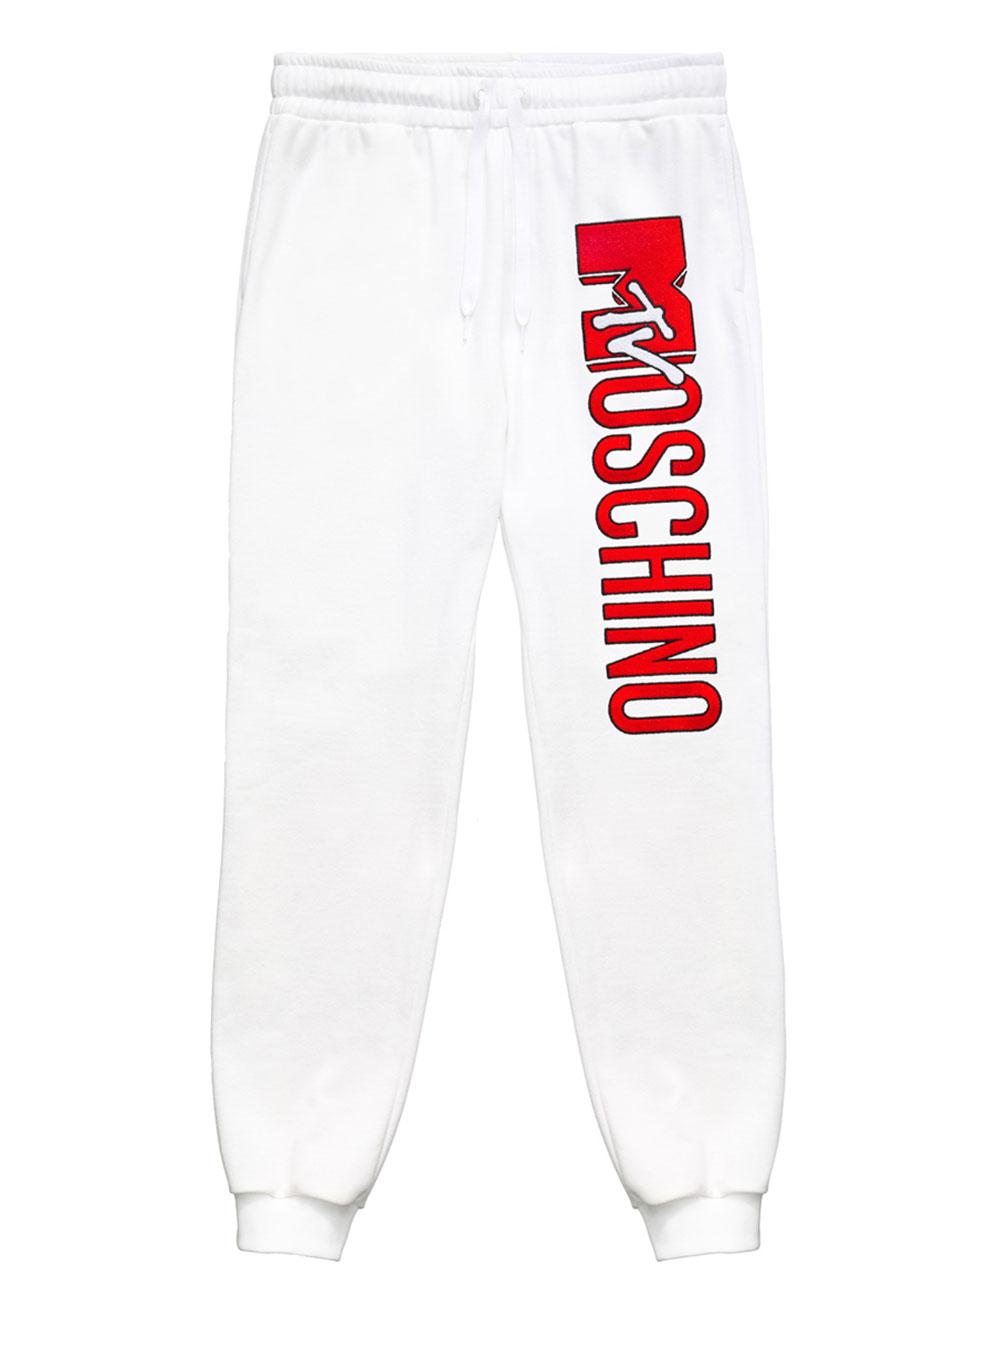 Vita mjukisbyxor med röd logo Moschino x H&M